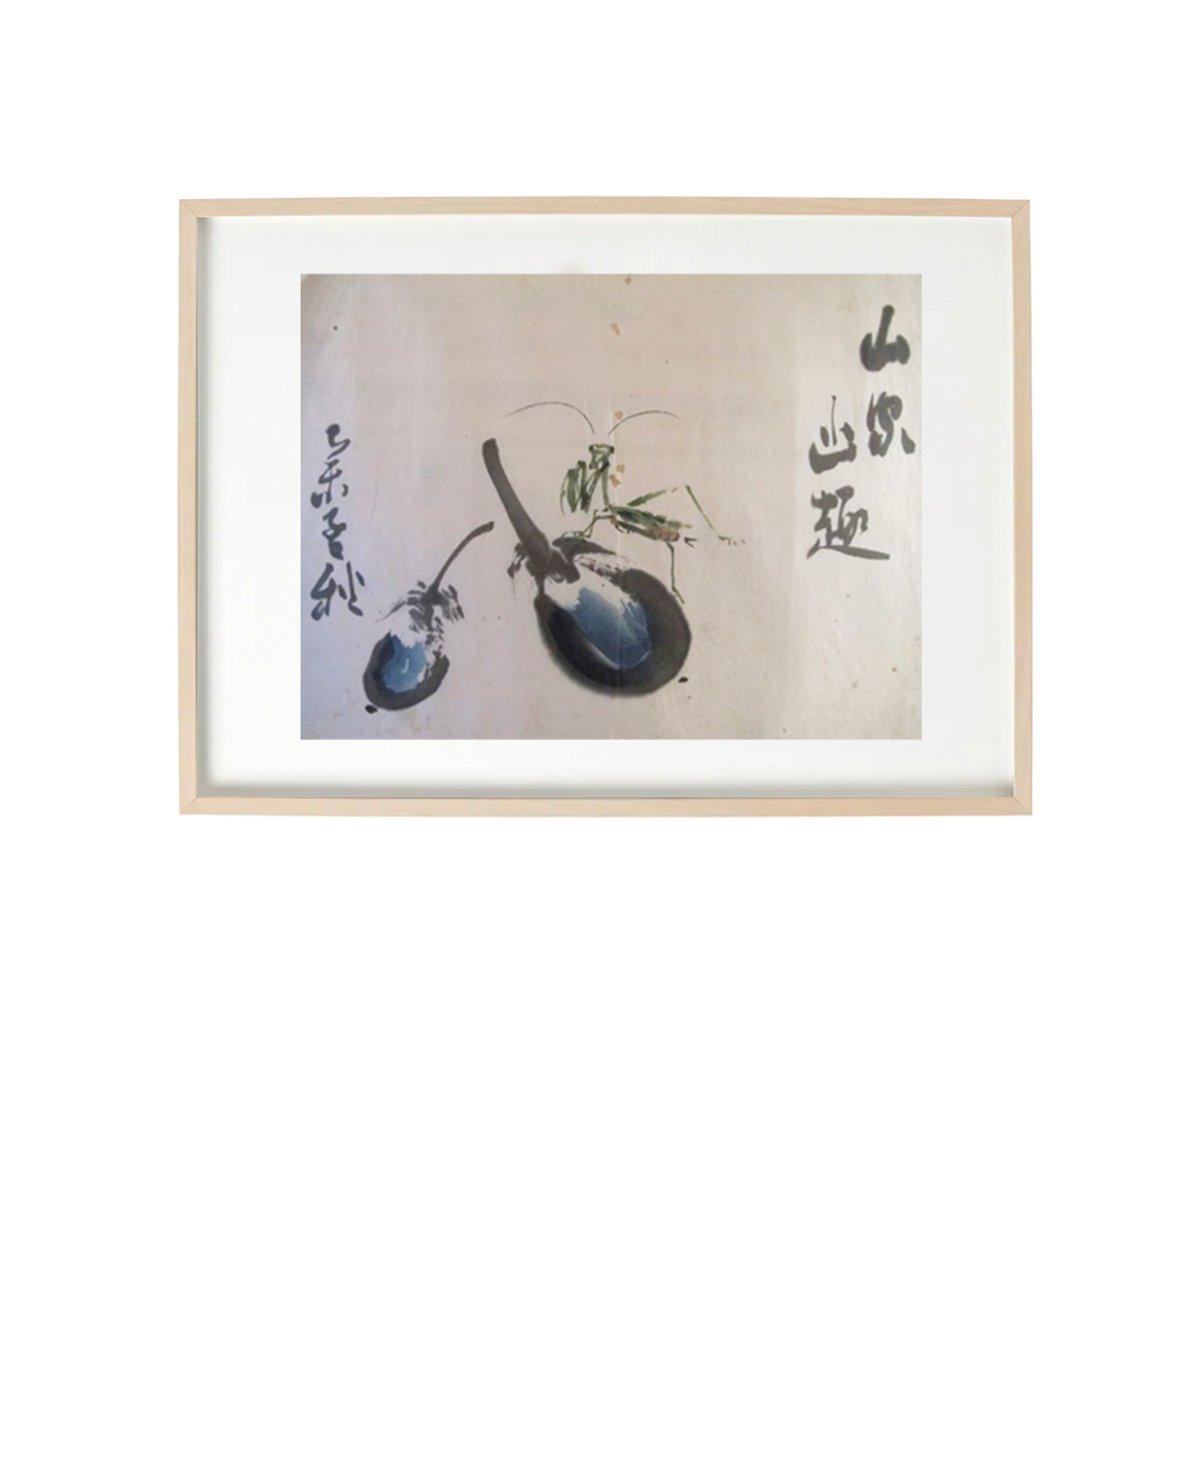 Image of Sumi-e – Auberginer med græshoppe – Fra serie af originale meditative blækmalerier